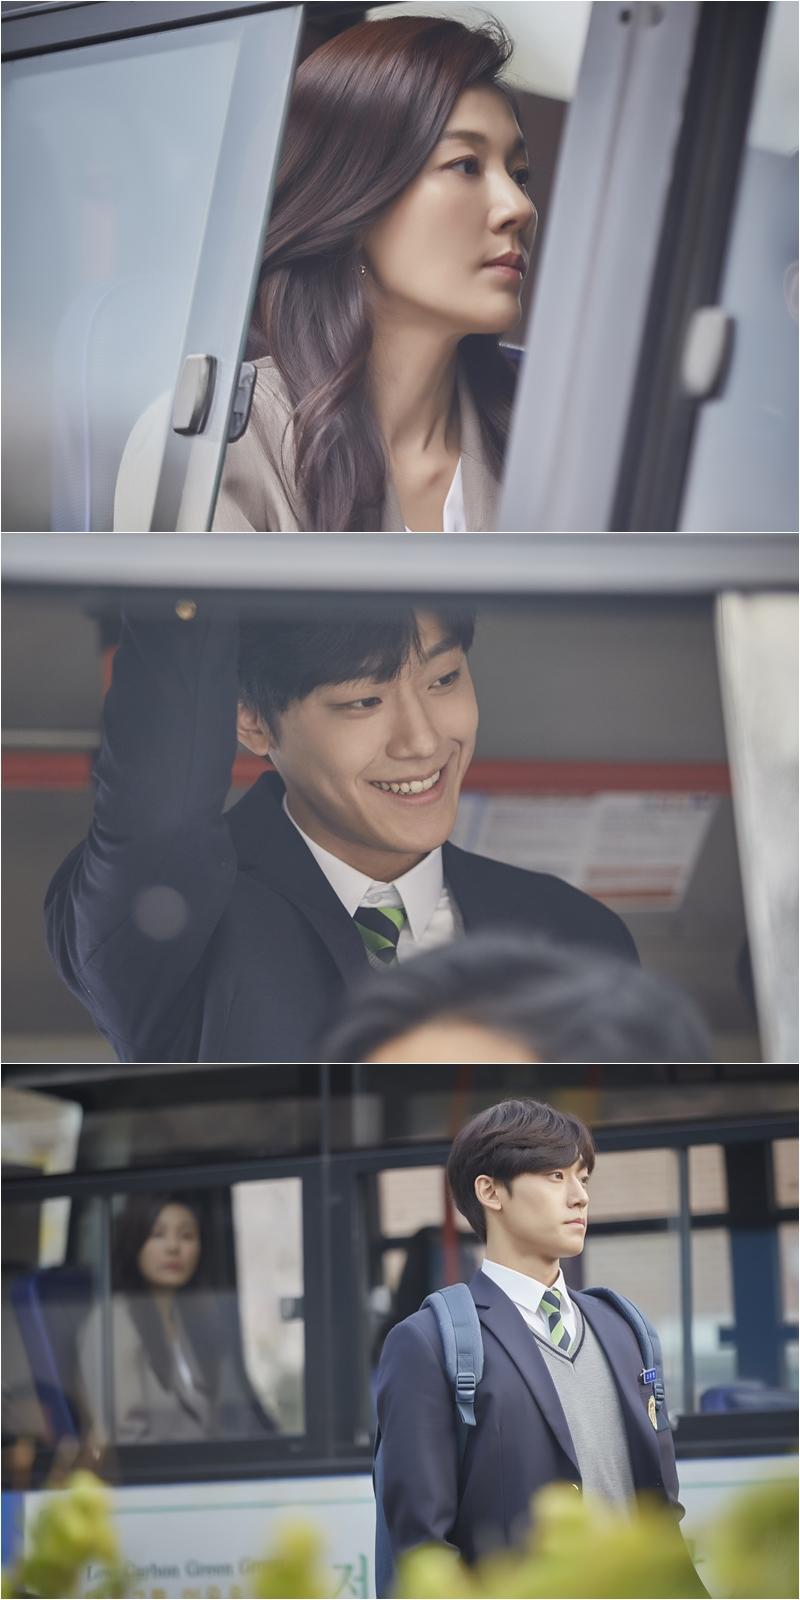 '18 어게인' 김하늘, 고등학생 된 남편 이도현과 재회